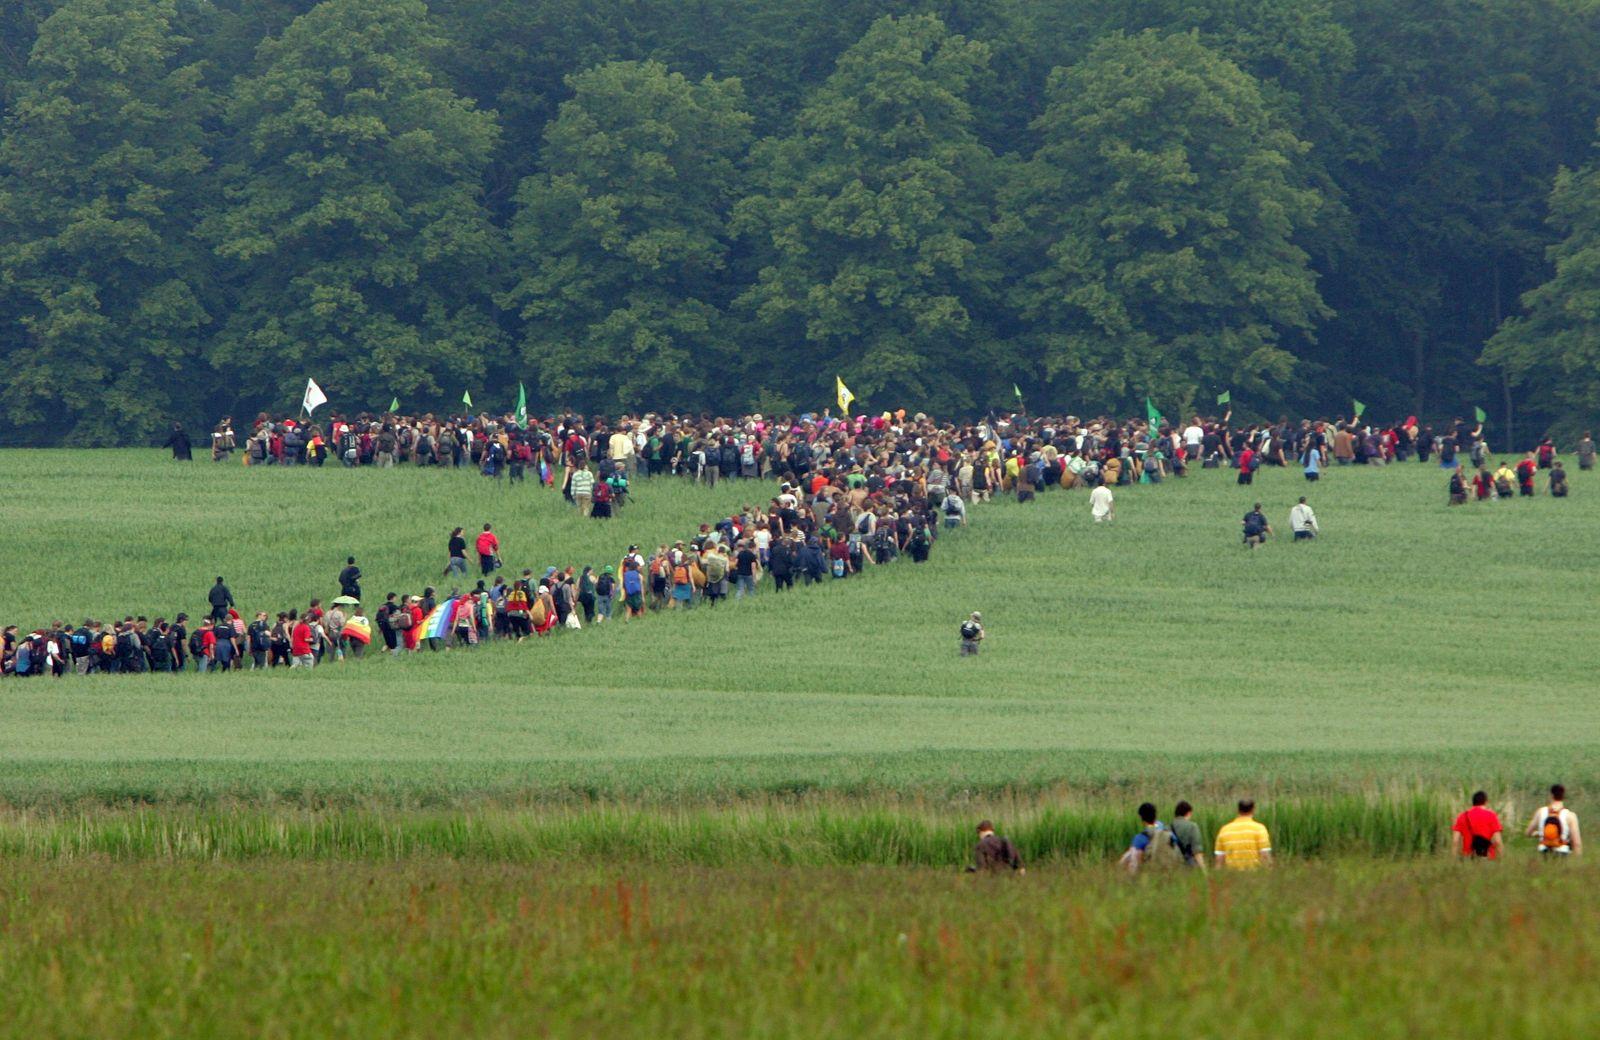 G8 - Demonstranten umgehen Polizeisperren auf dem Weg zum Zaun